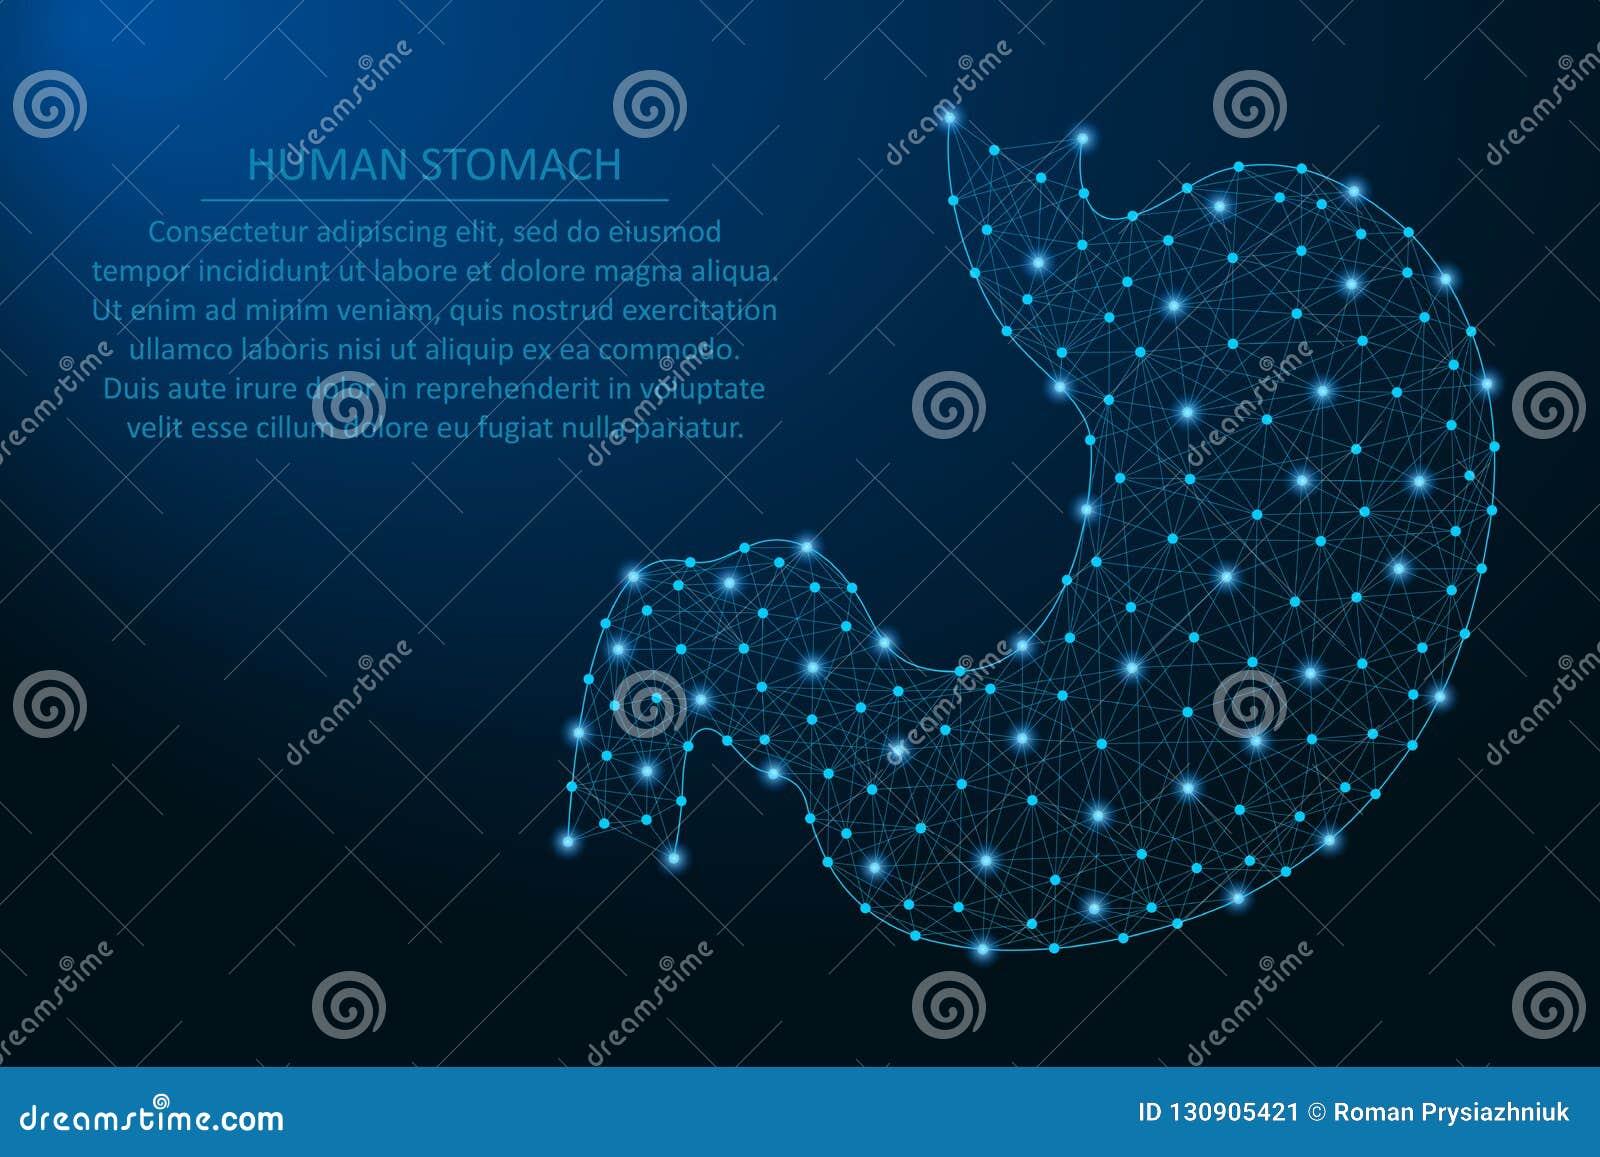 Ludzki żołądek, zdrowy ludzki wewnętrzny przetrawienie organ robić punktami i linie, poligonalna wireframe siatka, niska poli- il